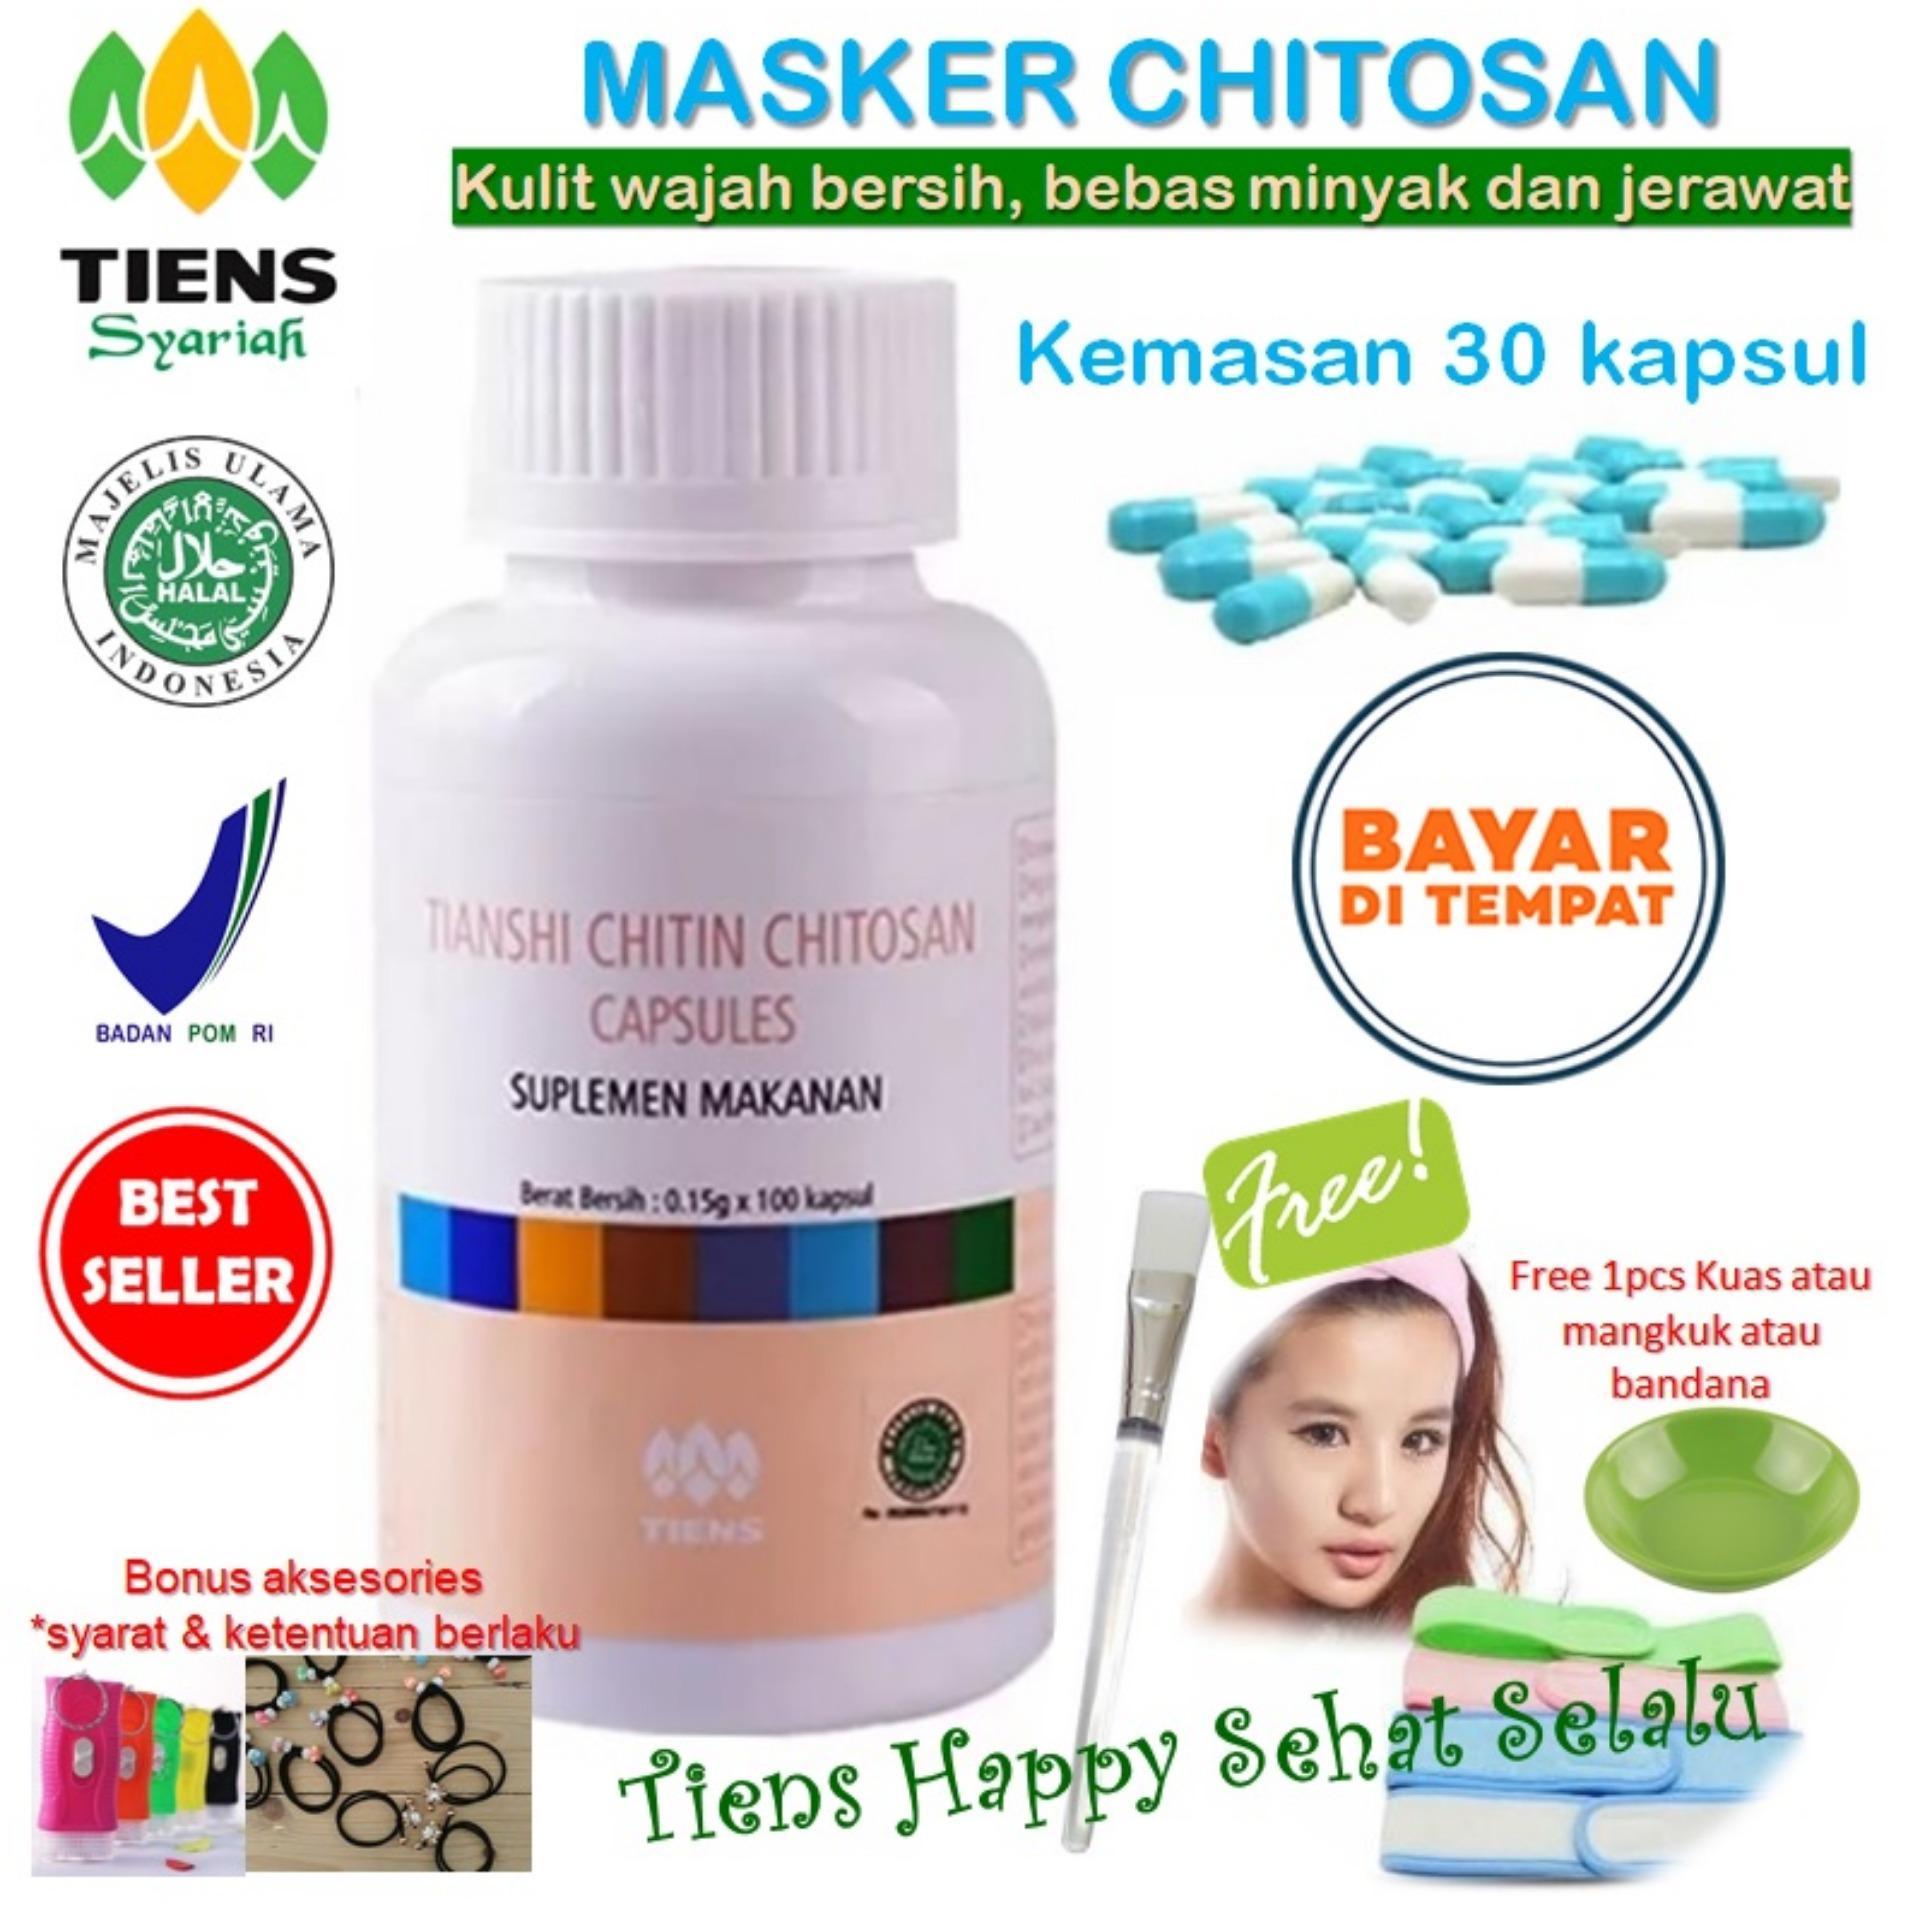 Harga Tiens Masker Chitosan Herbal Anti Jerawat Paket 30 Kapsul Tiens Happy Gratis Kuas Tiens Terbaik